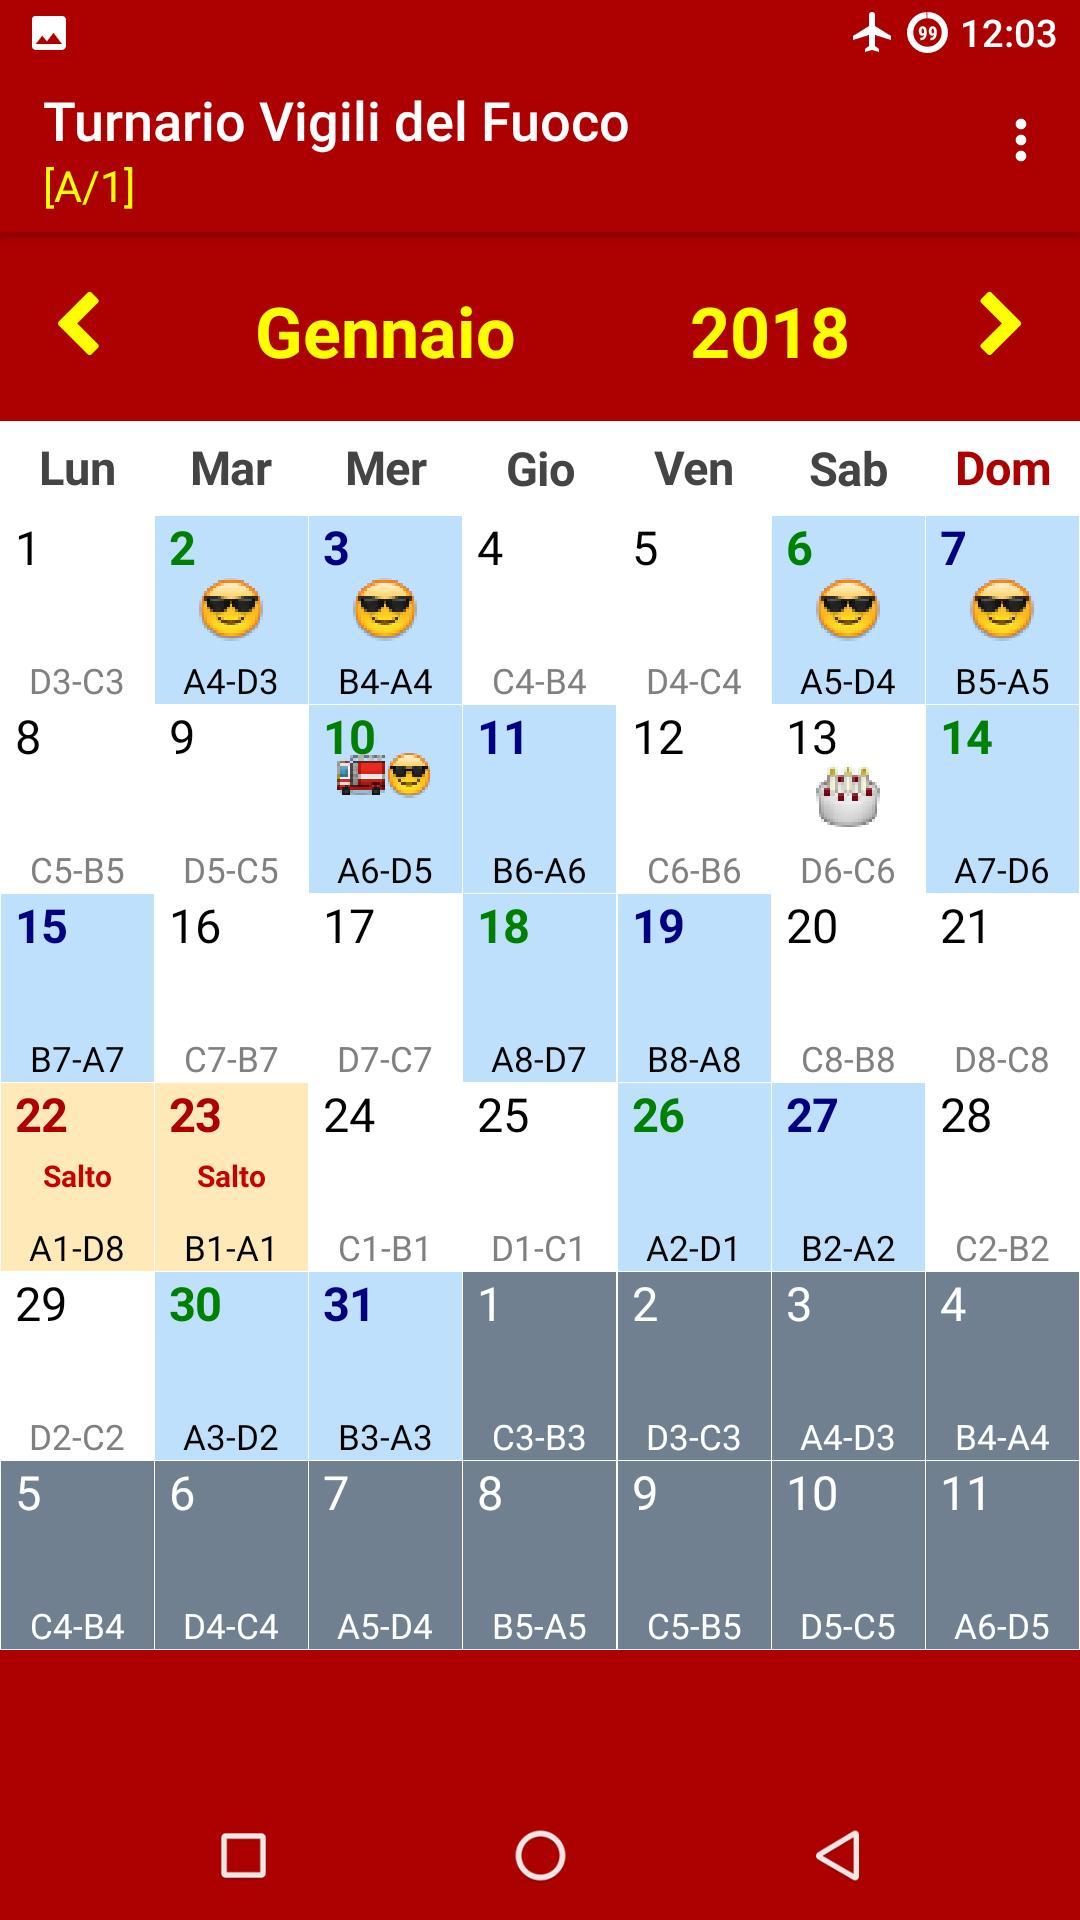 Calendario Vvf.Turnario Vigili Del Fuoco For Android Apk Download